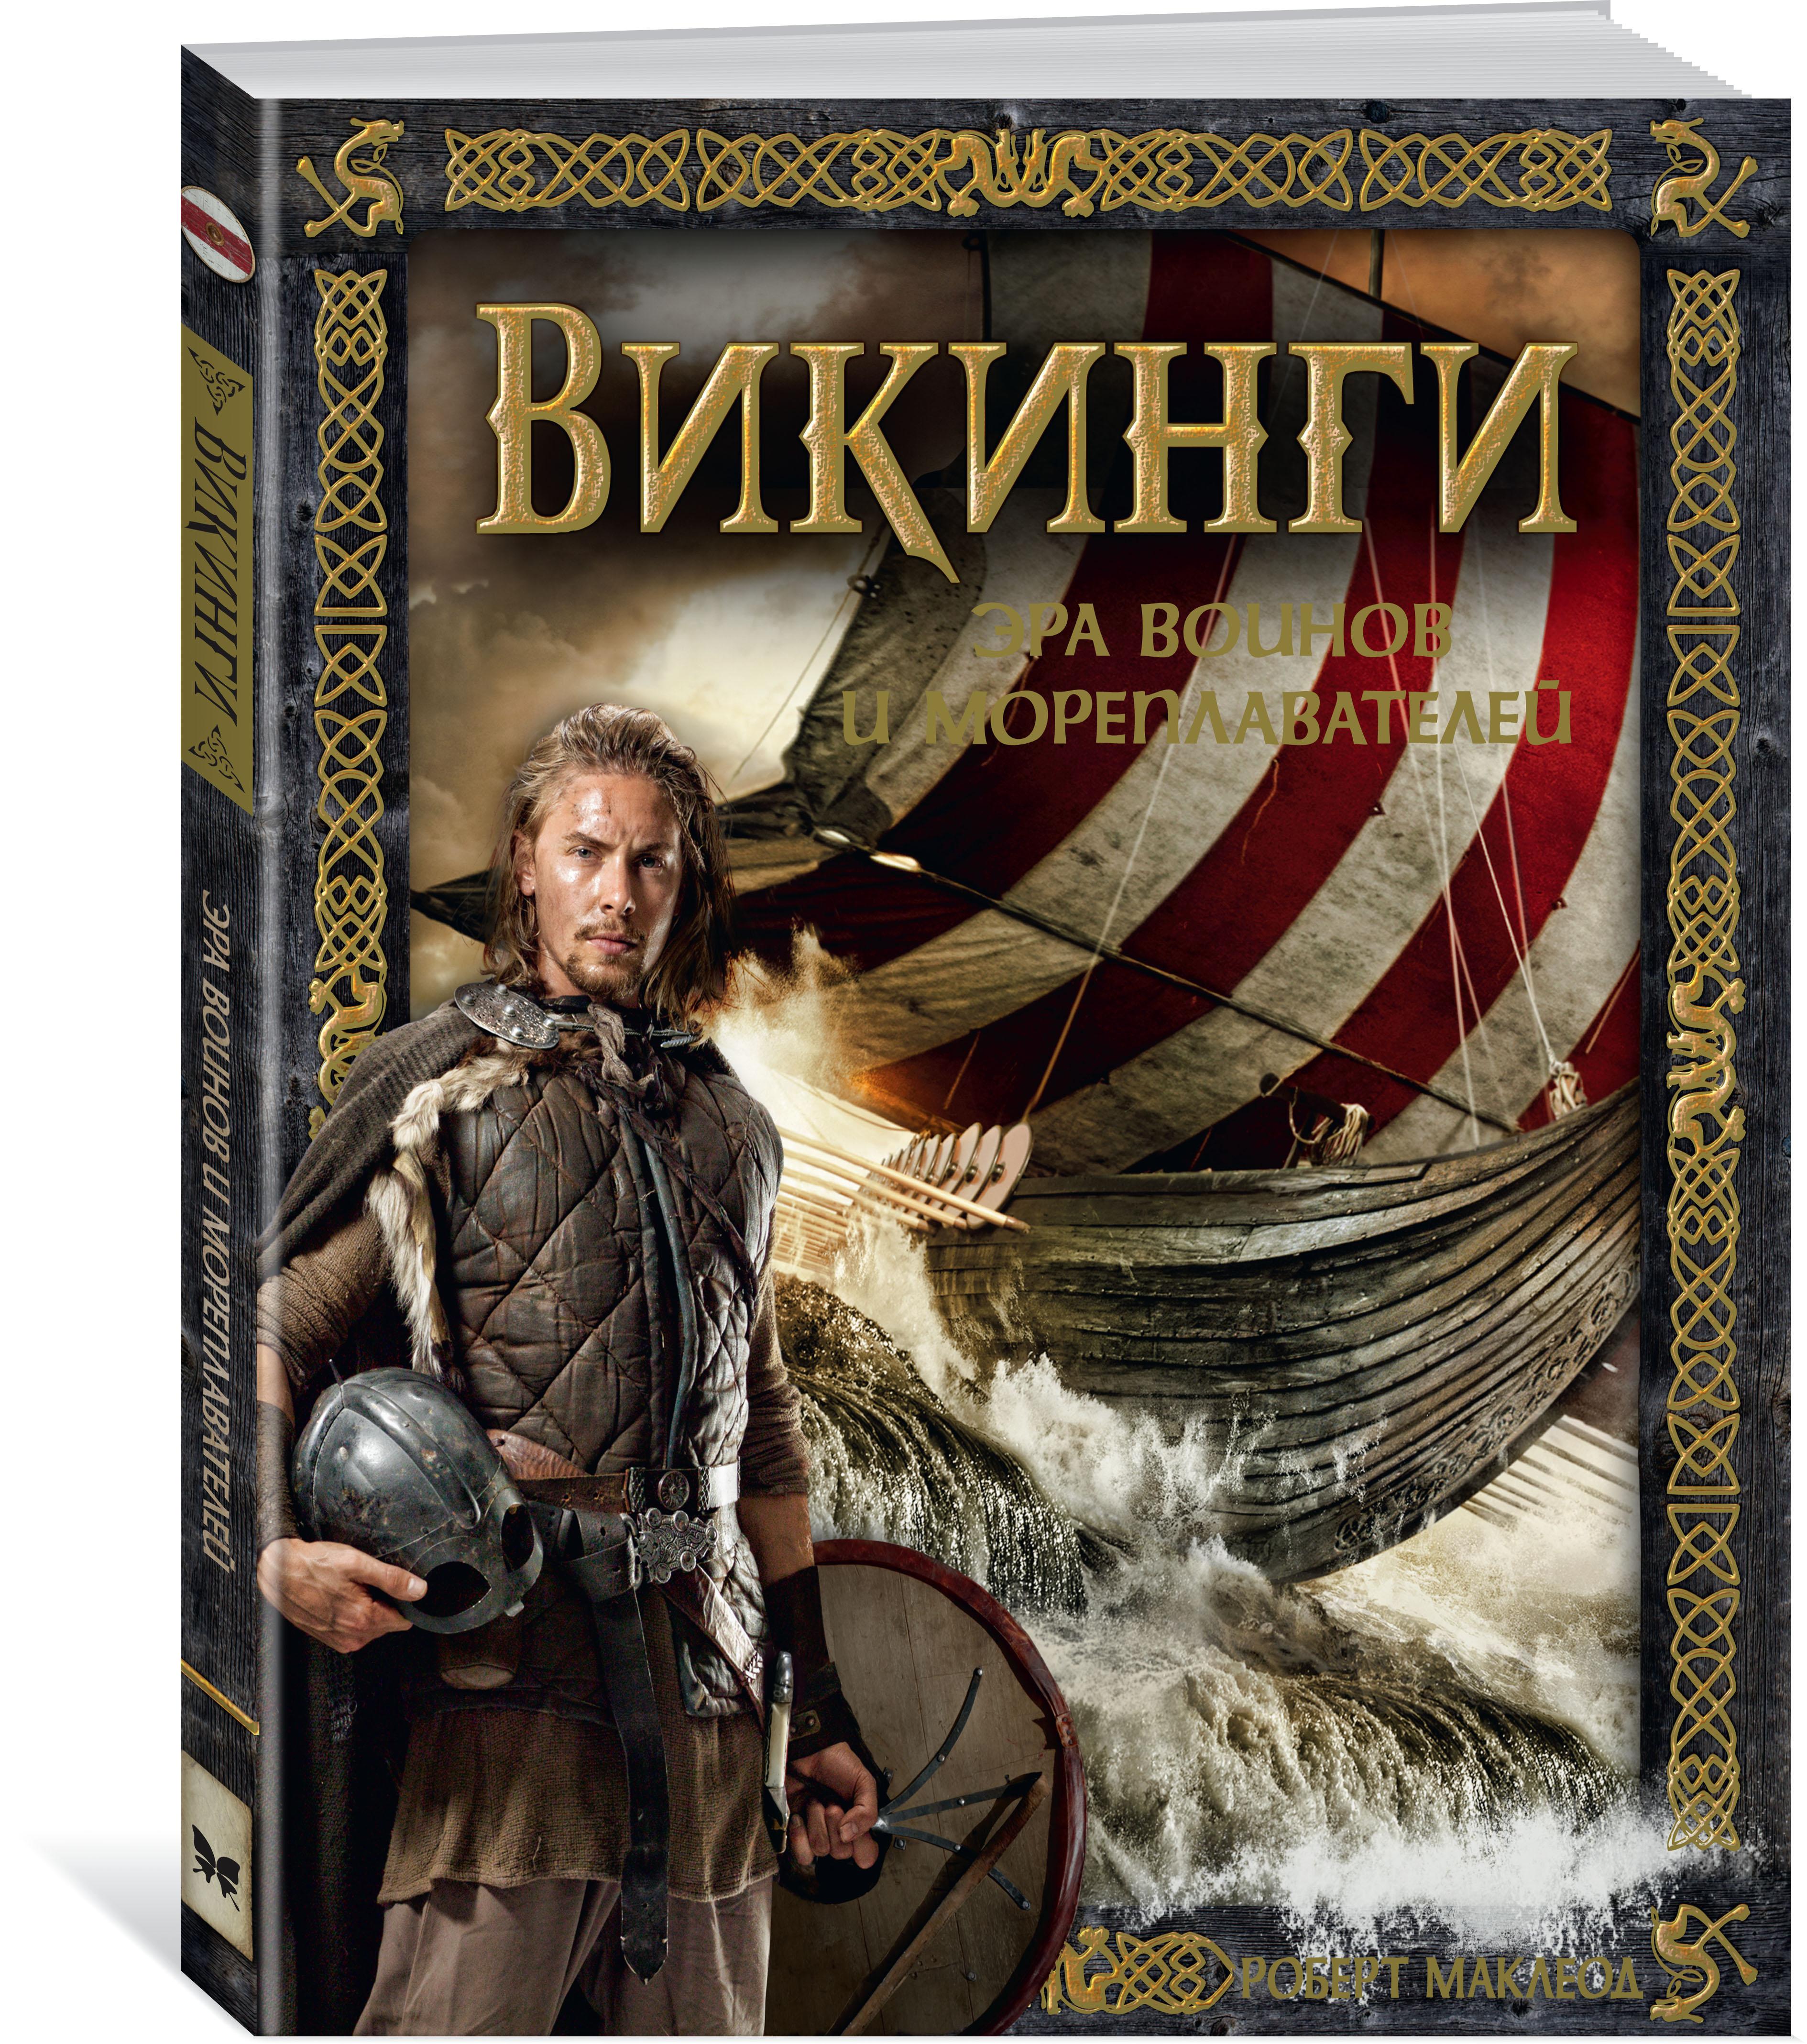 Роберт Маклеод Викинги. Эра воинов и мореплавателей